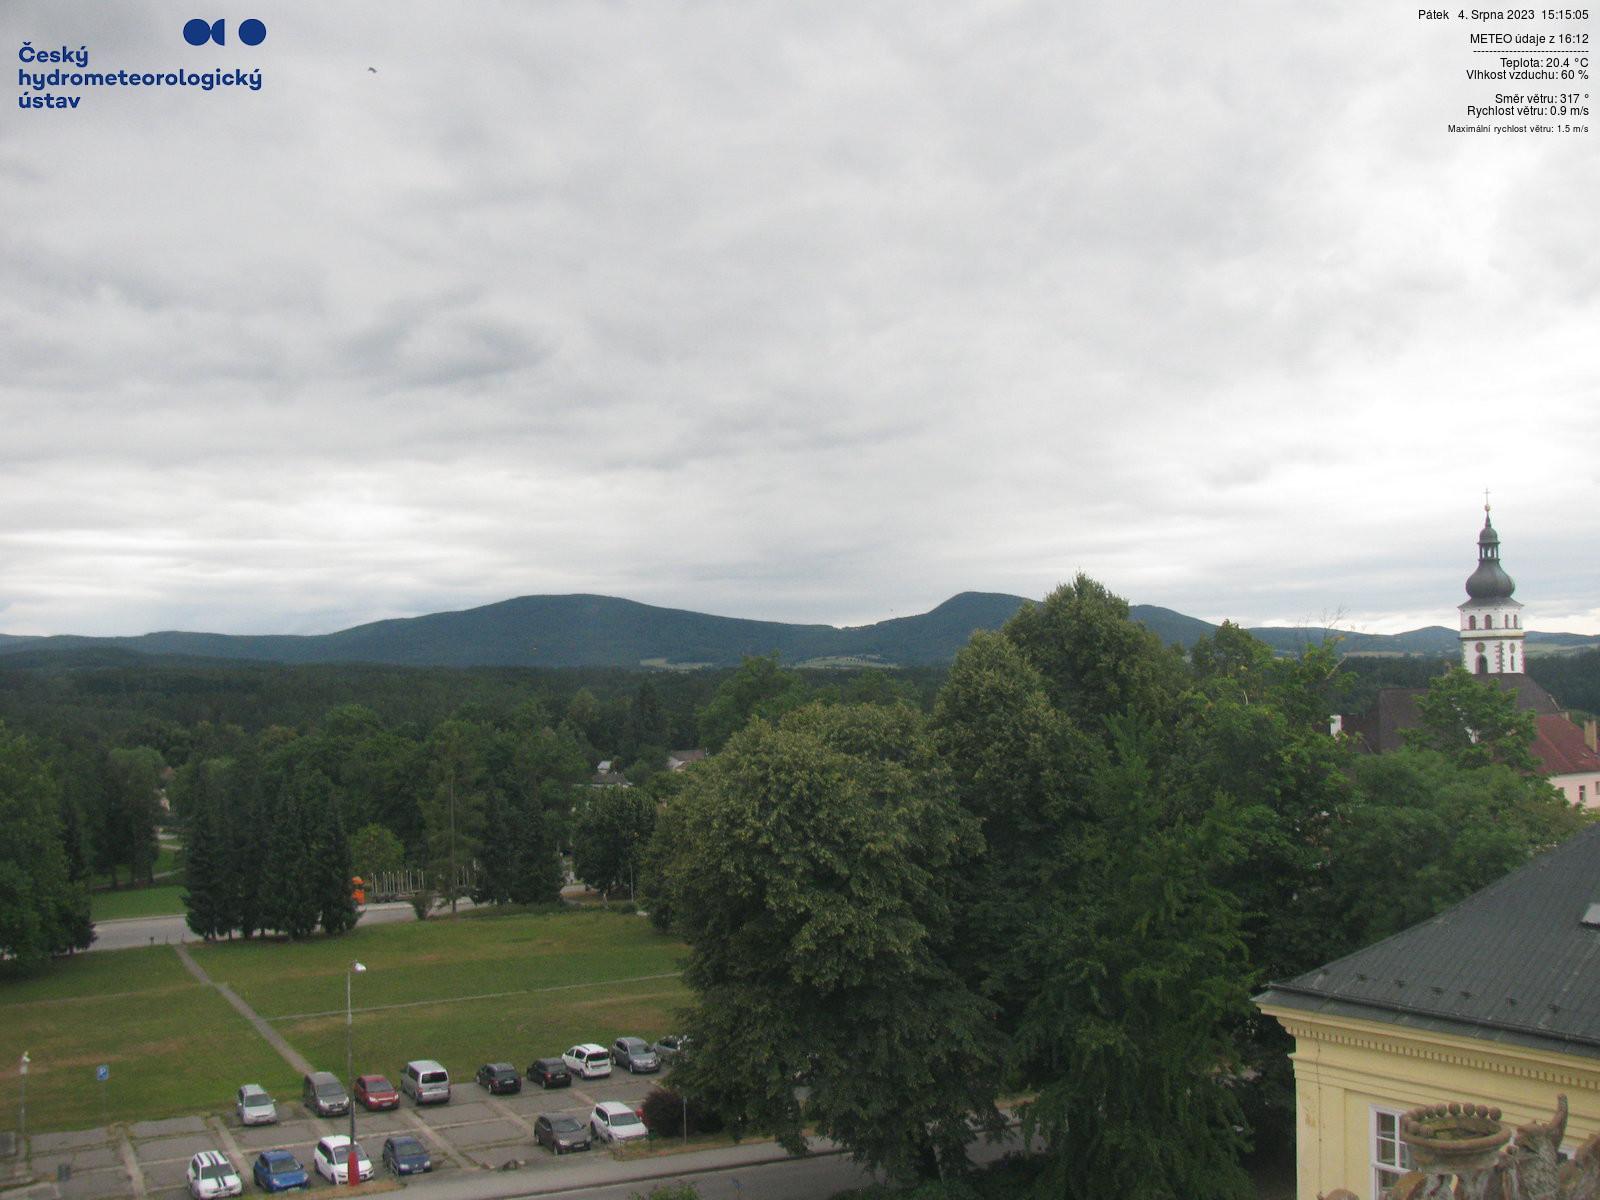 Webcam - Nové Hrady